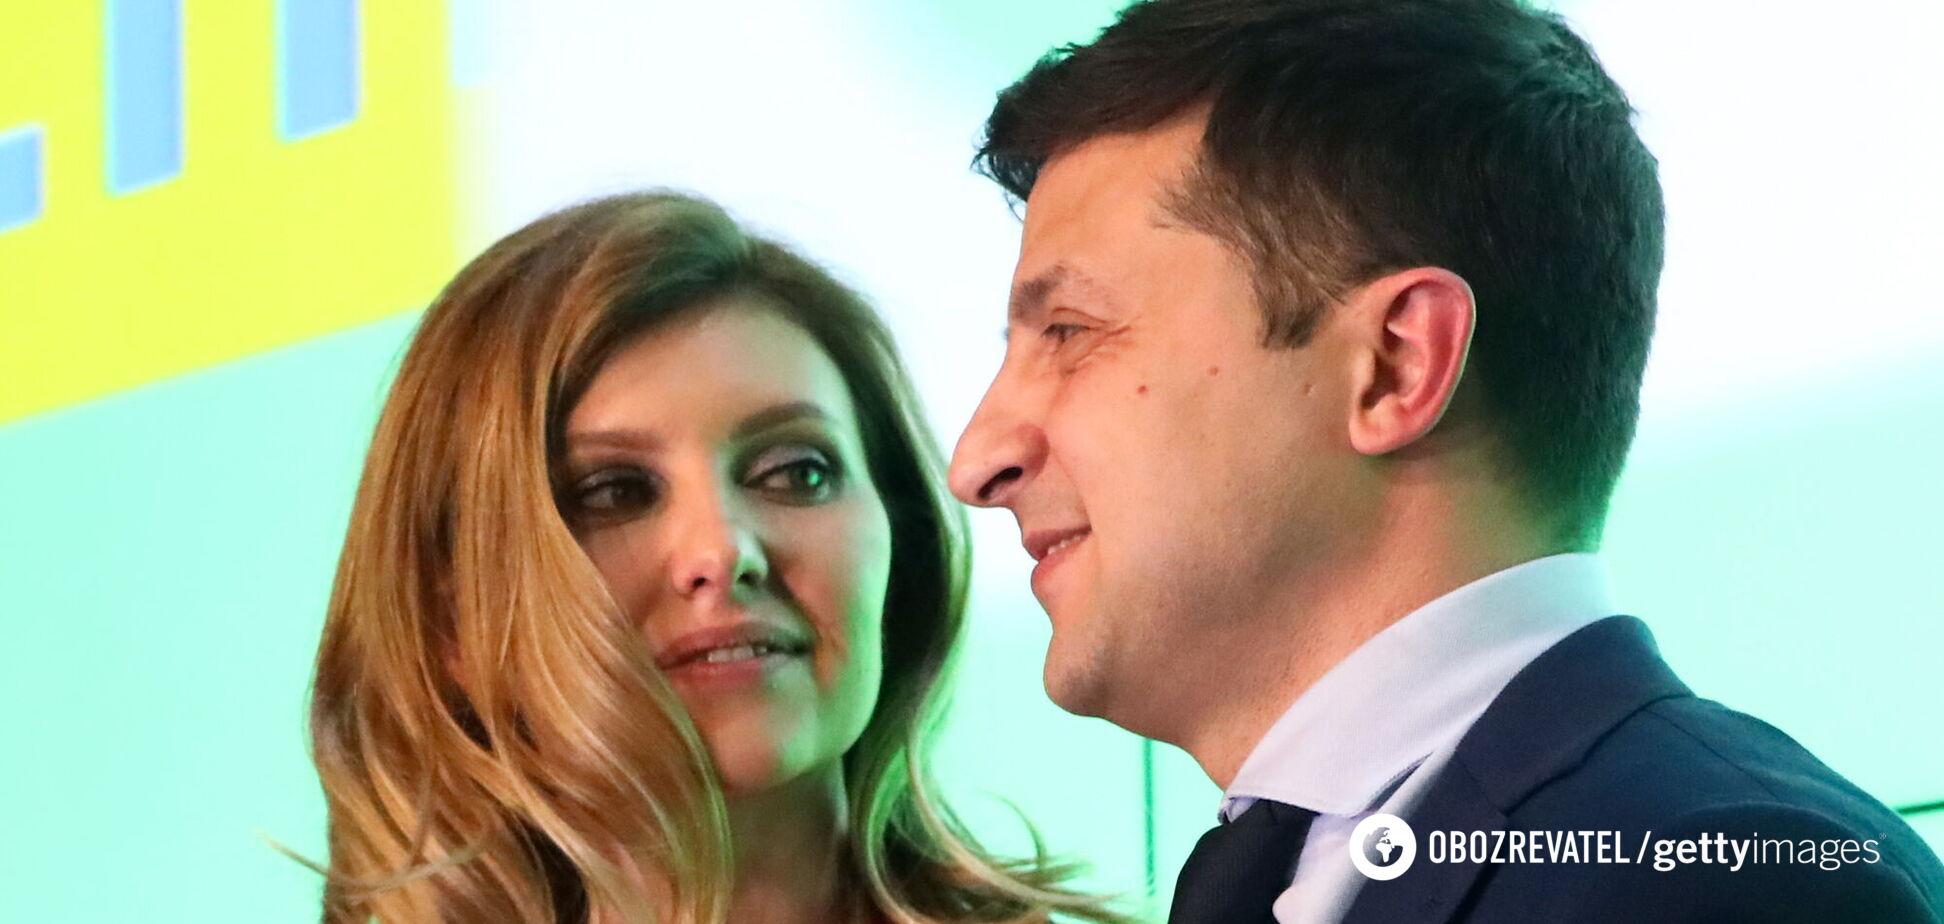 Зеленский трогательно поздравил жену с днем рождения